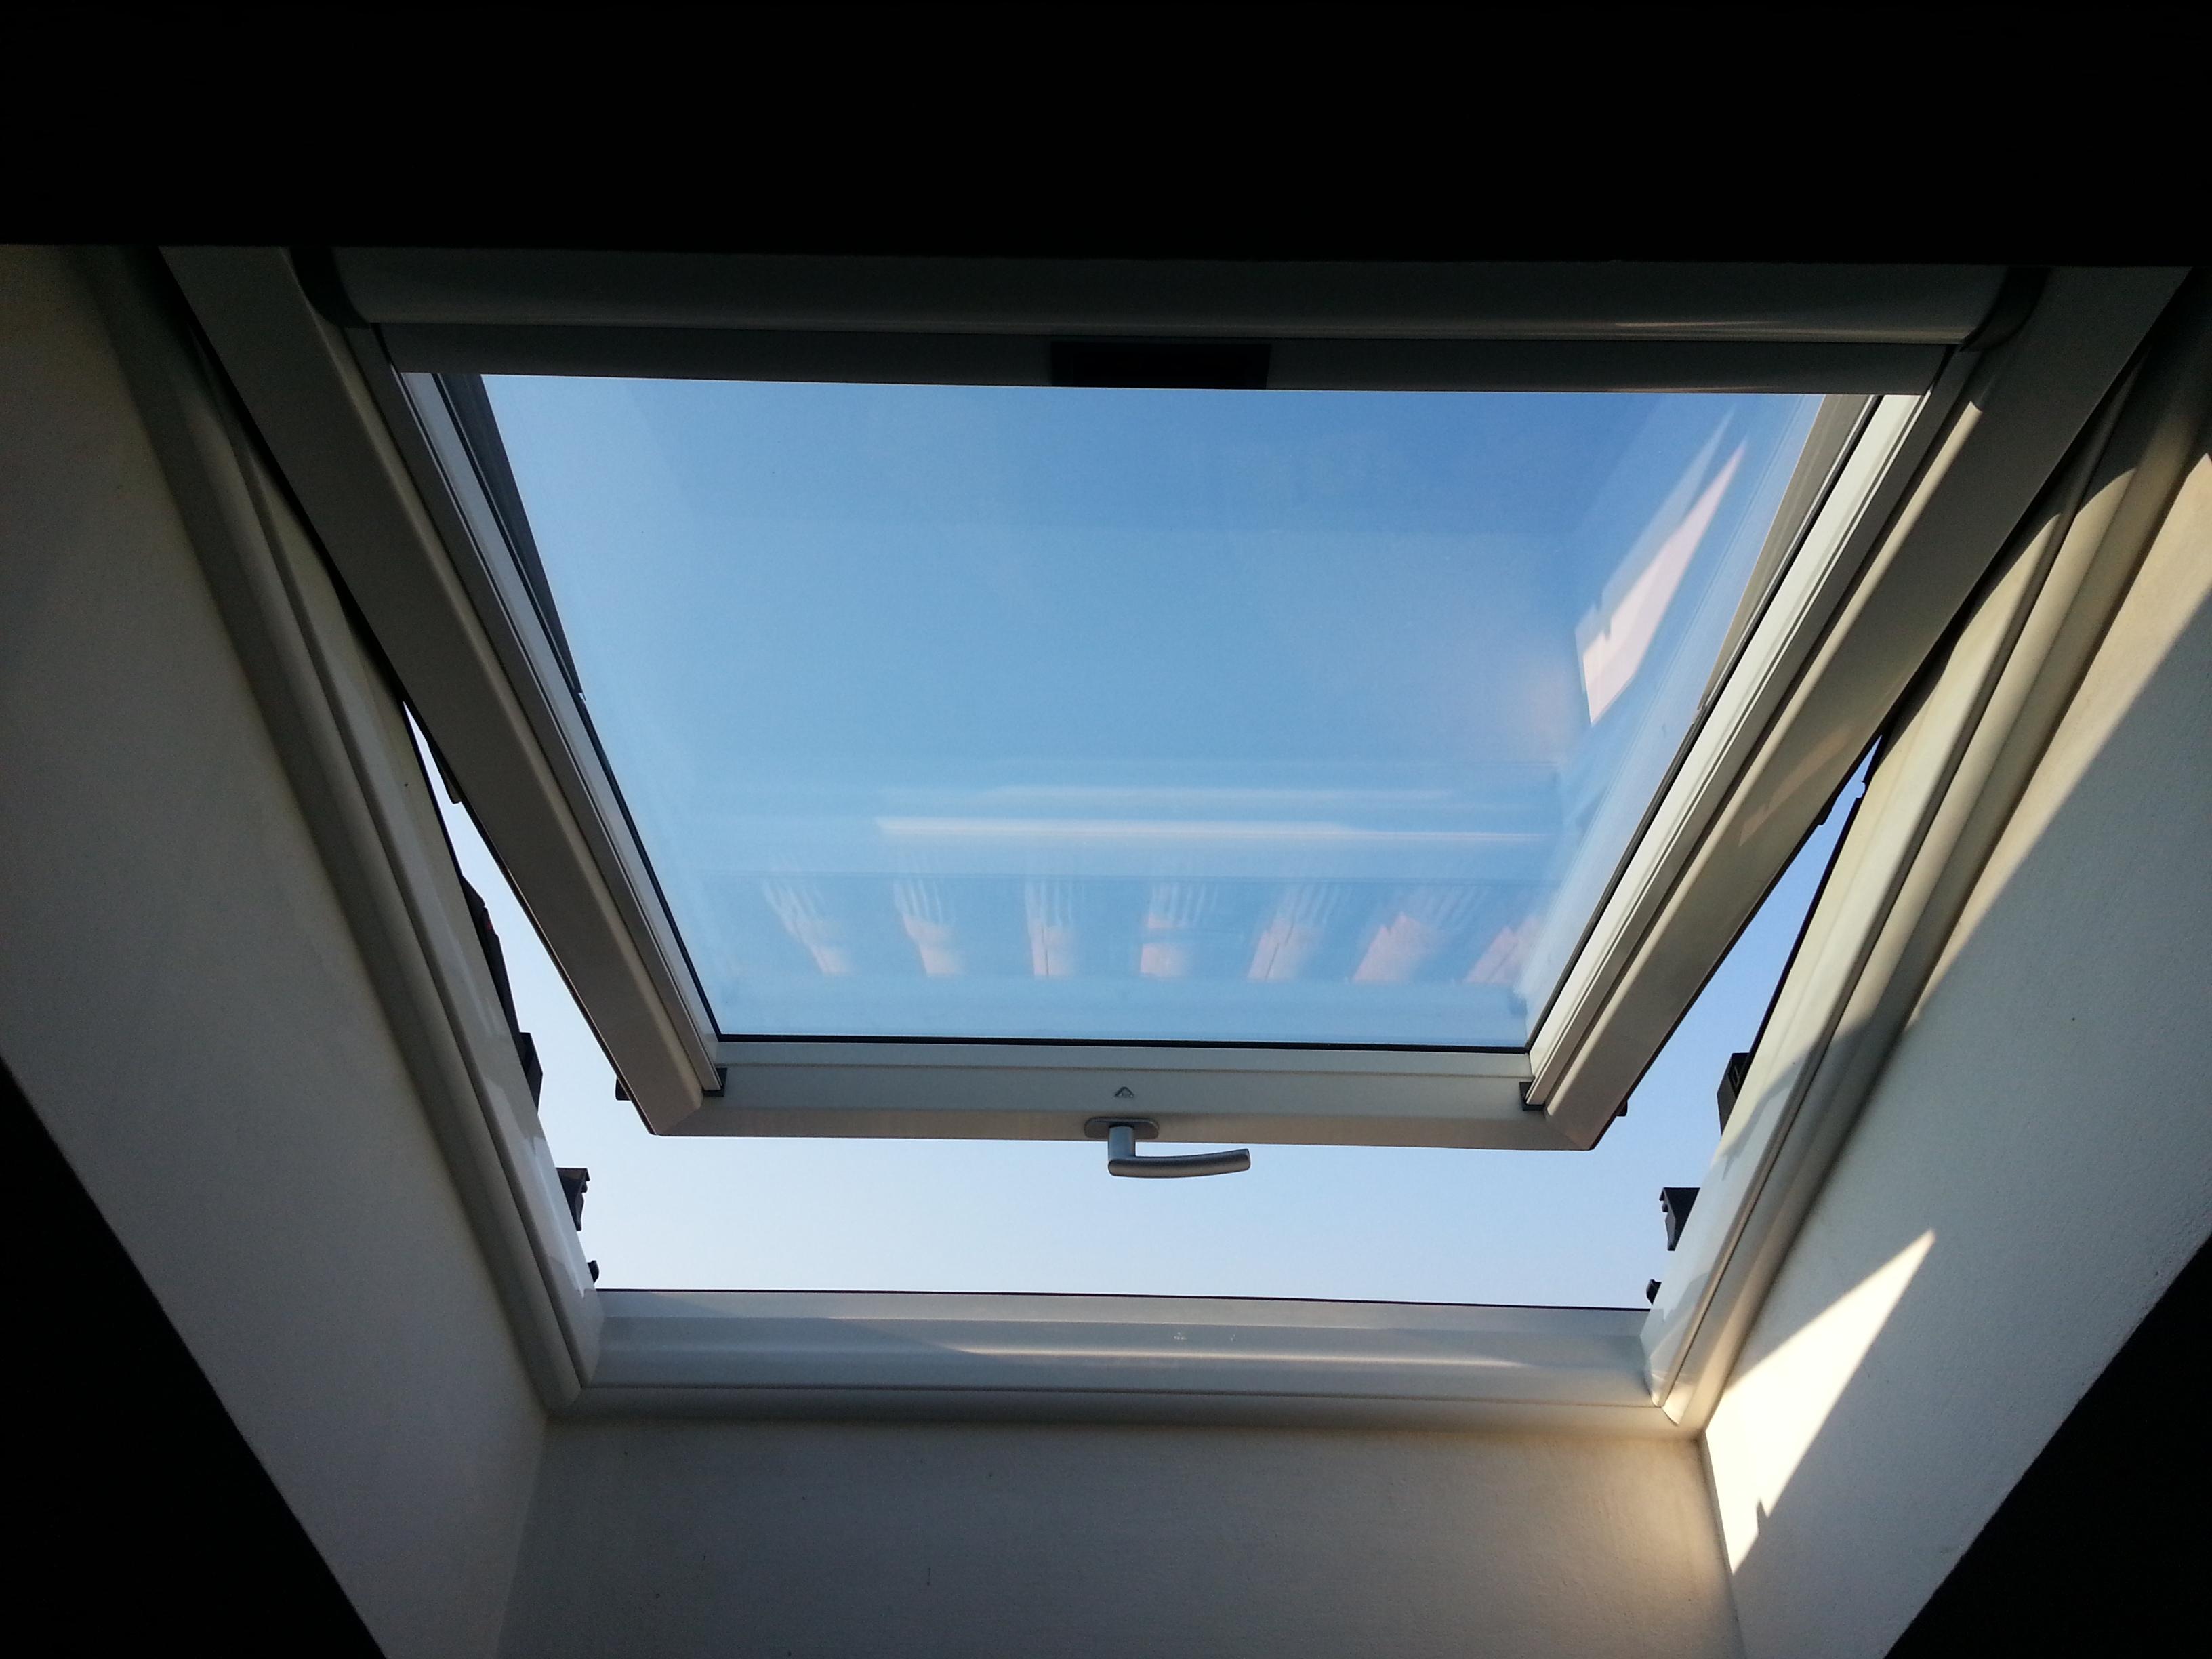 Avigliana finestre da tetto roto diatribe porte e finestre - Finestre a tetto ...